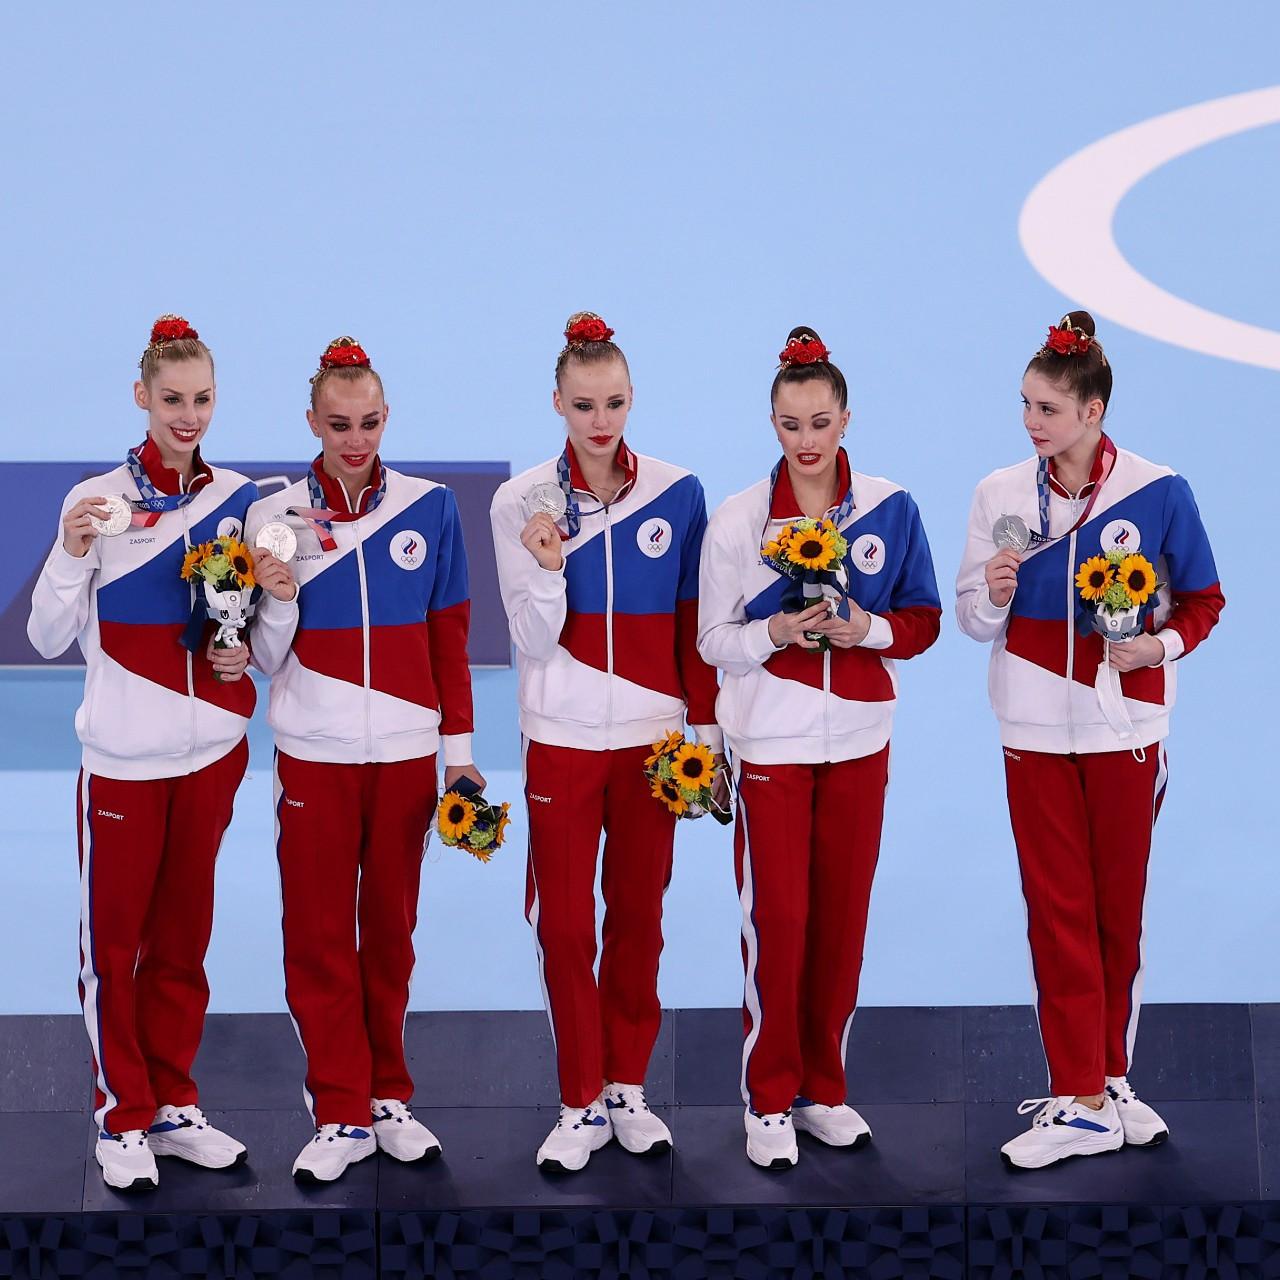 Rhythmic gymnastics team